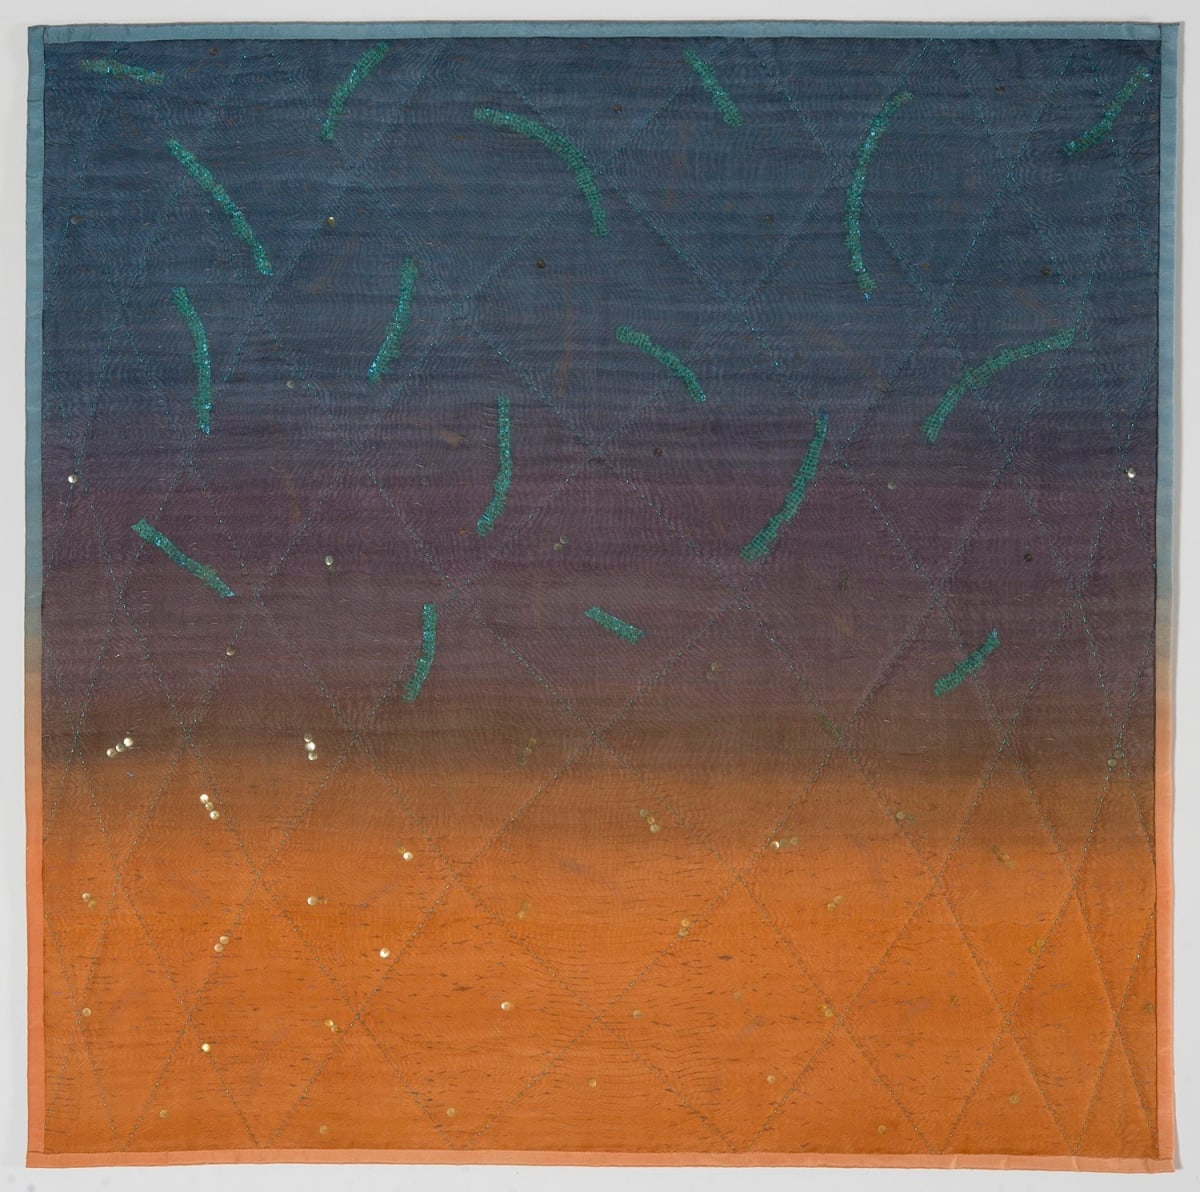 Sky Grid 2 / Violet